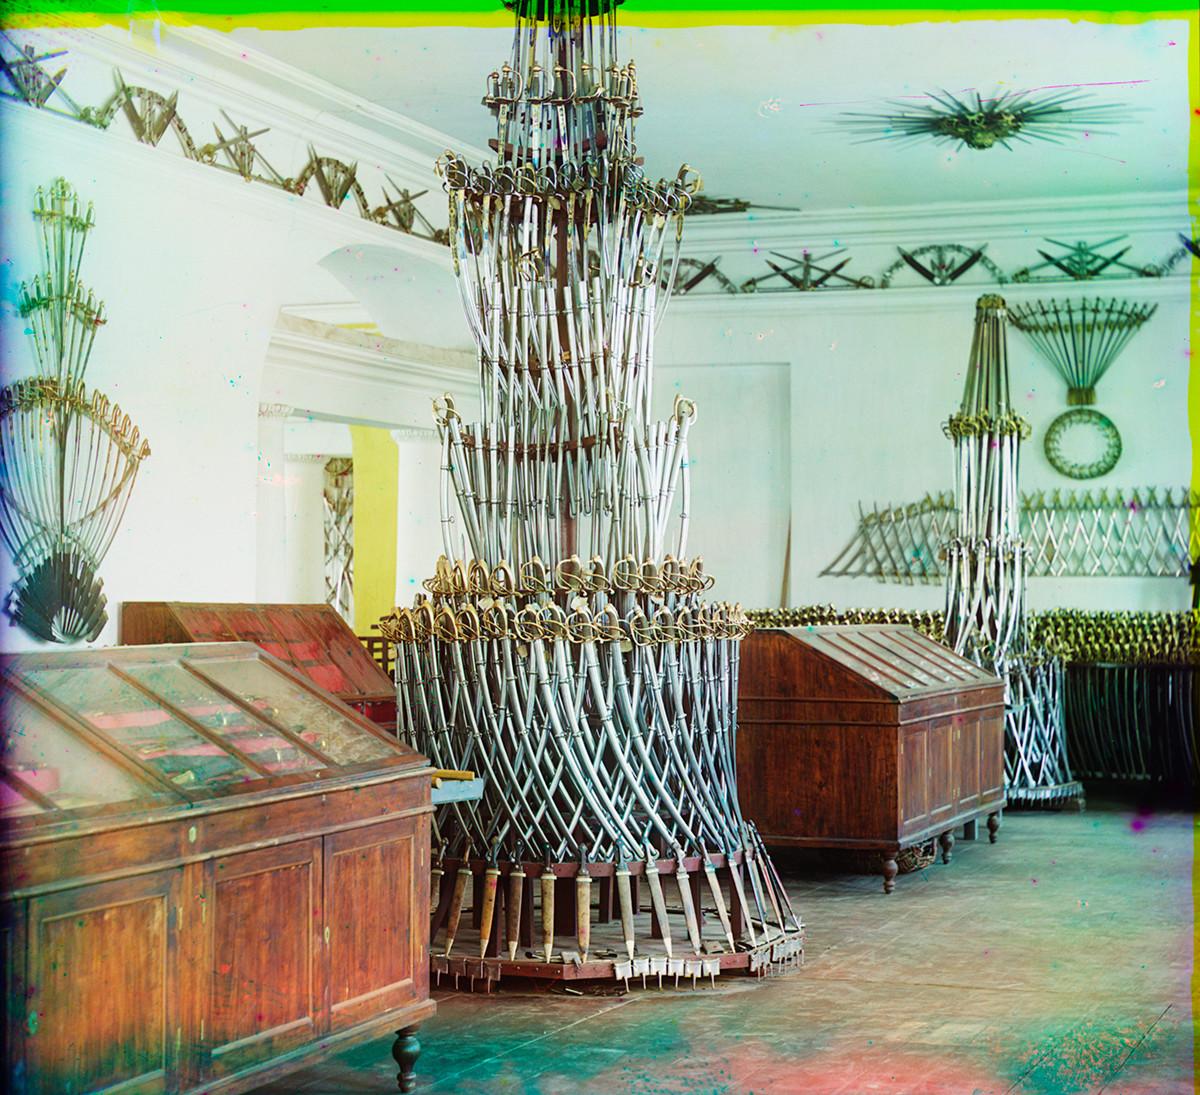 Музей Арсенал. Излагане на златоустки саби и други оръжия от студена стомана. Снимка: Сергей Прокудин-Горски. 1909 г.